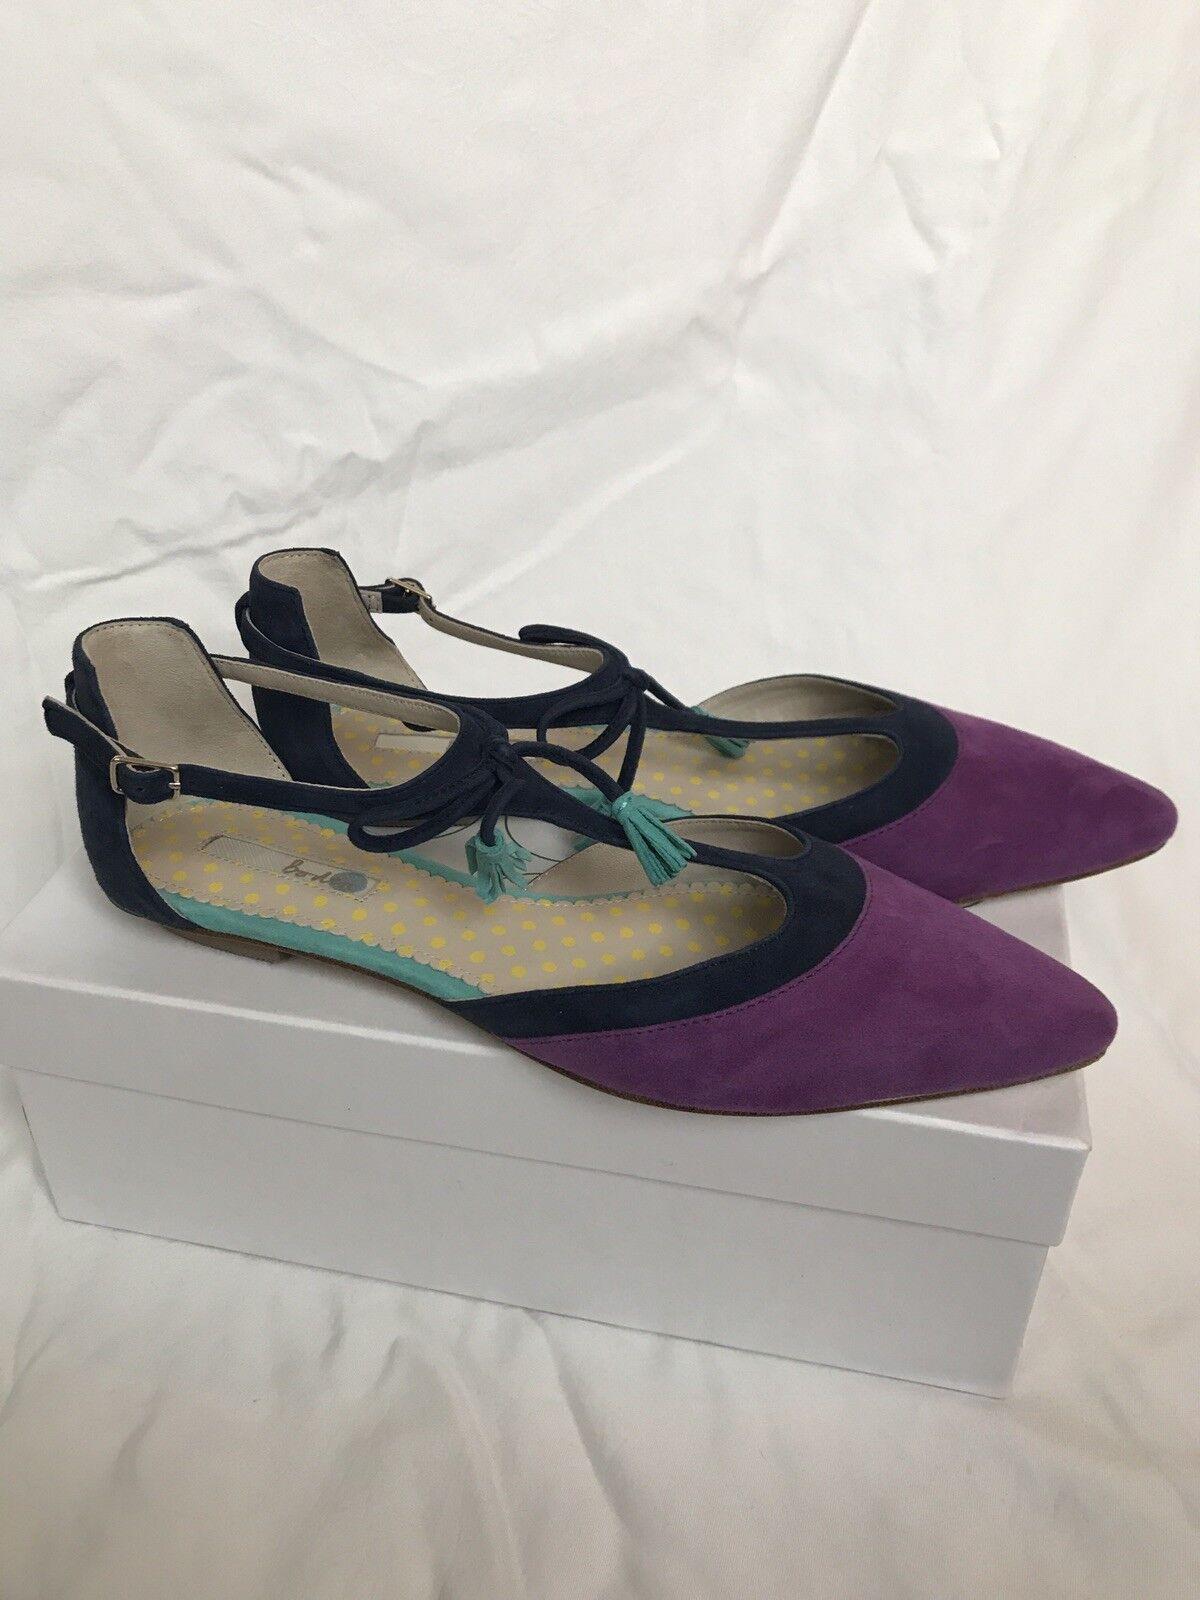 Boden T -bar Sandal Sandal Sandal  billigt online